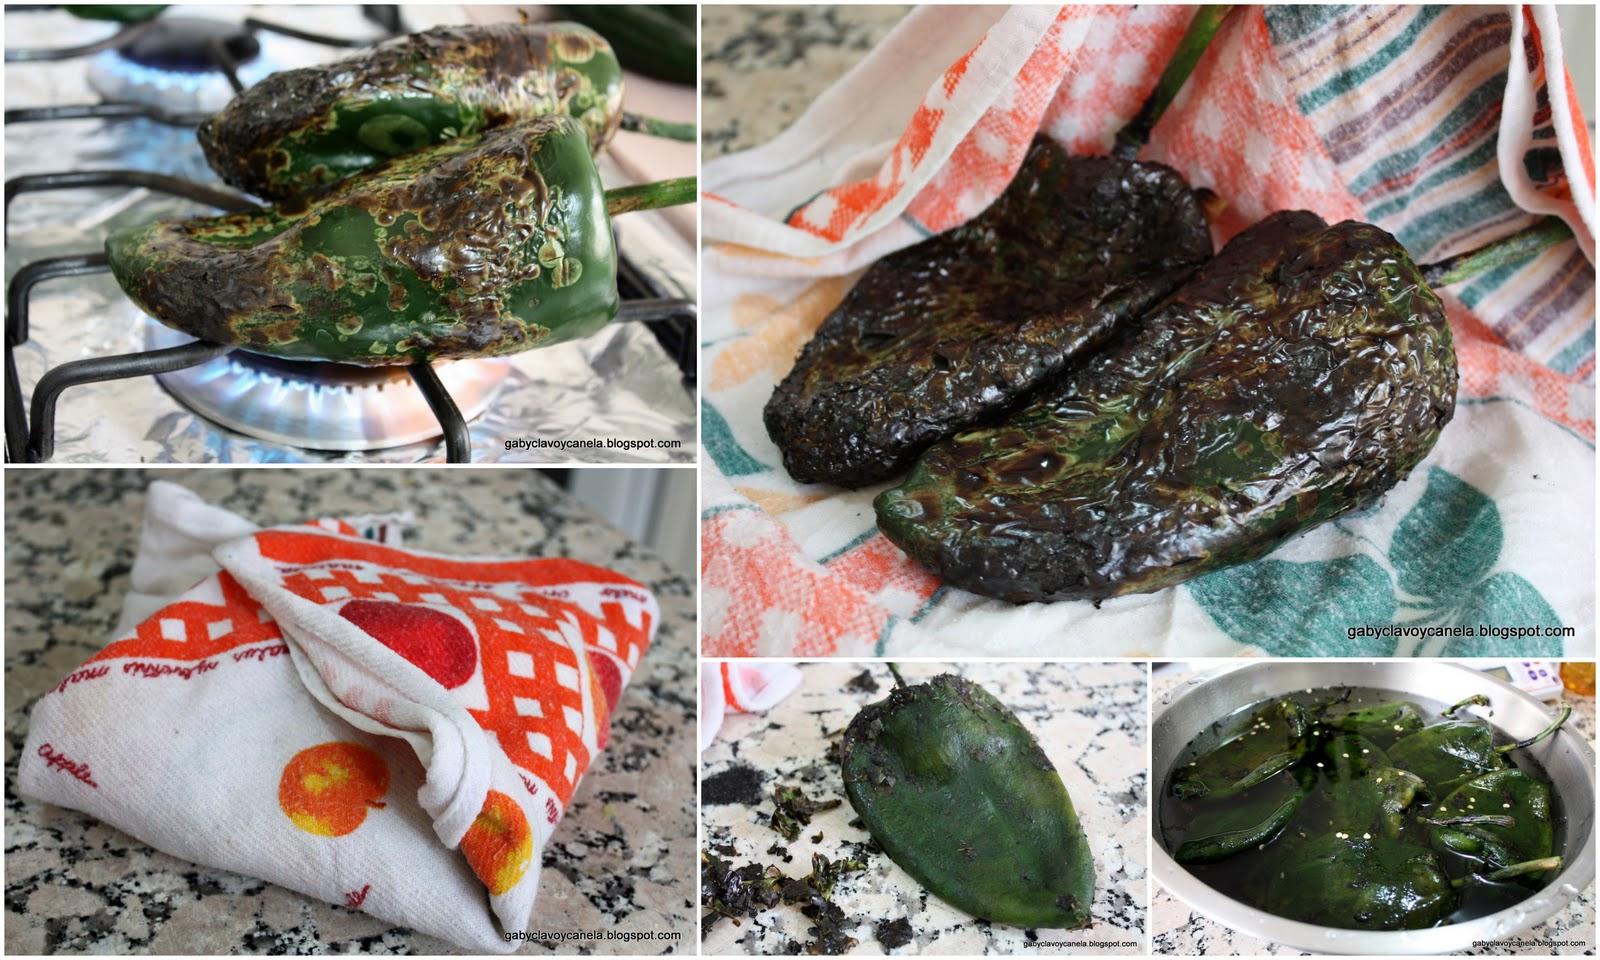 Chiles en Nogada recipe step by step tutorial